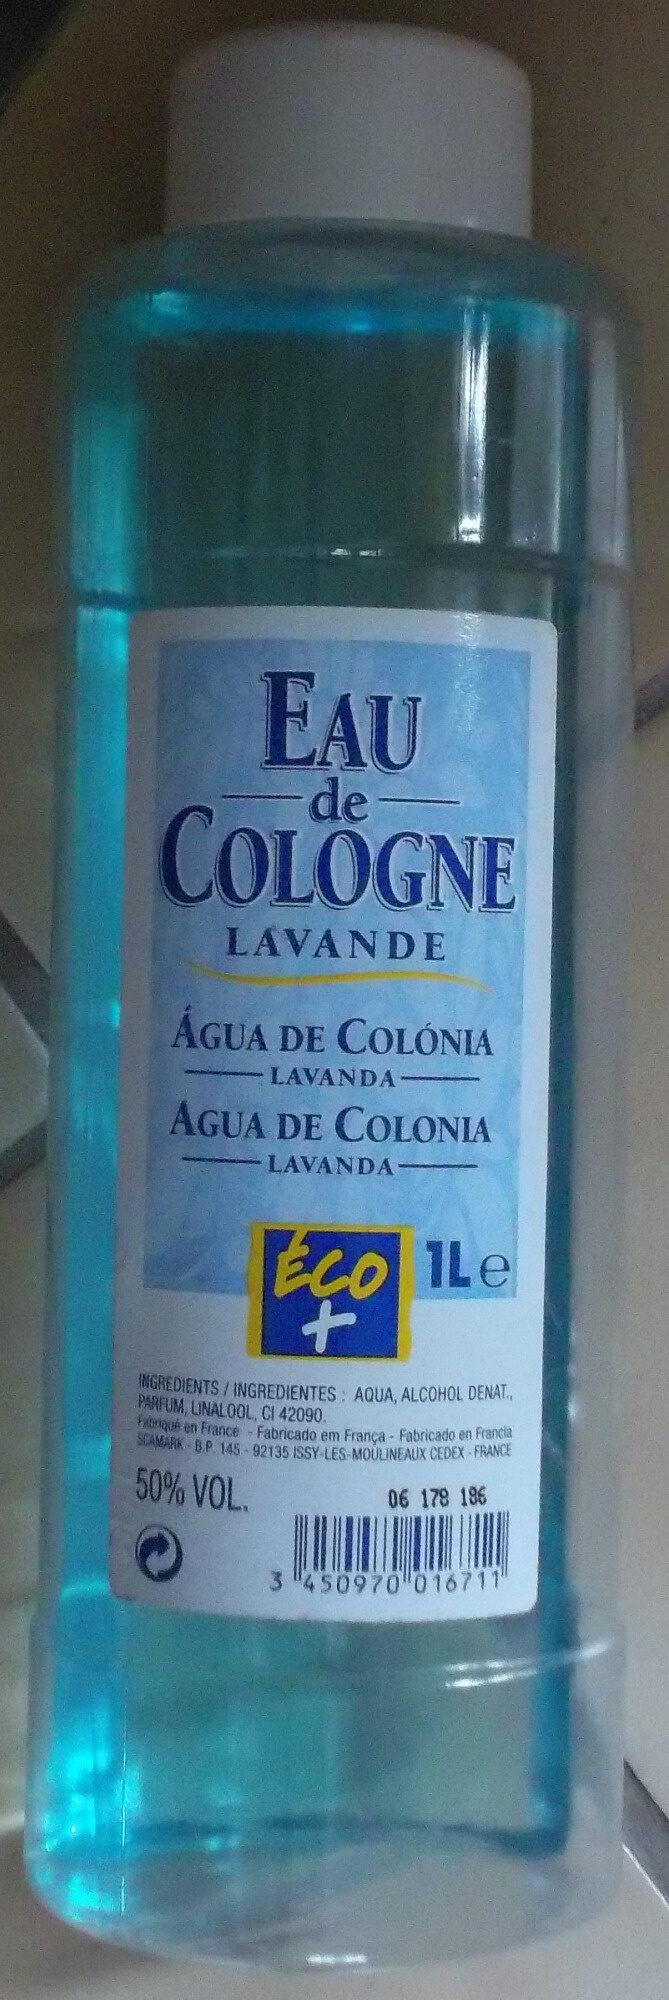 Eau de Cologne lavande - Product - fr